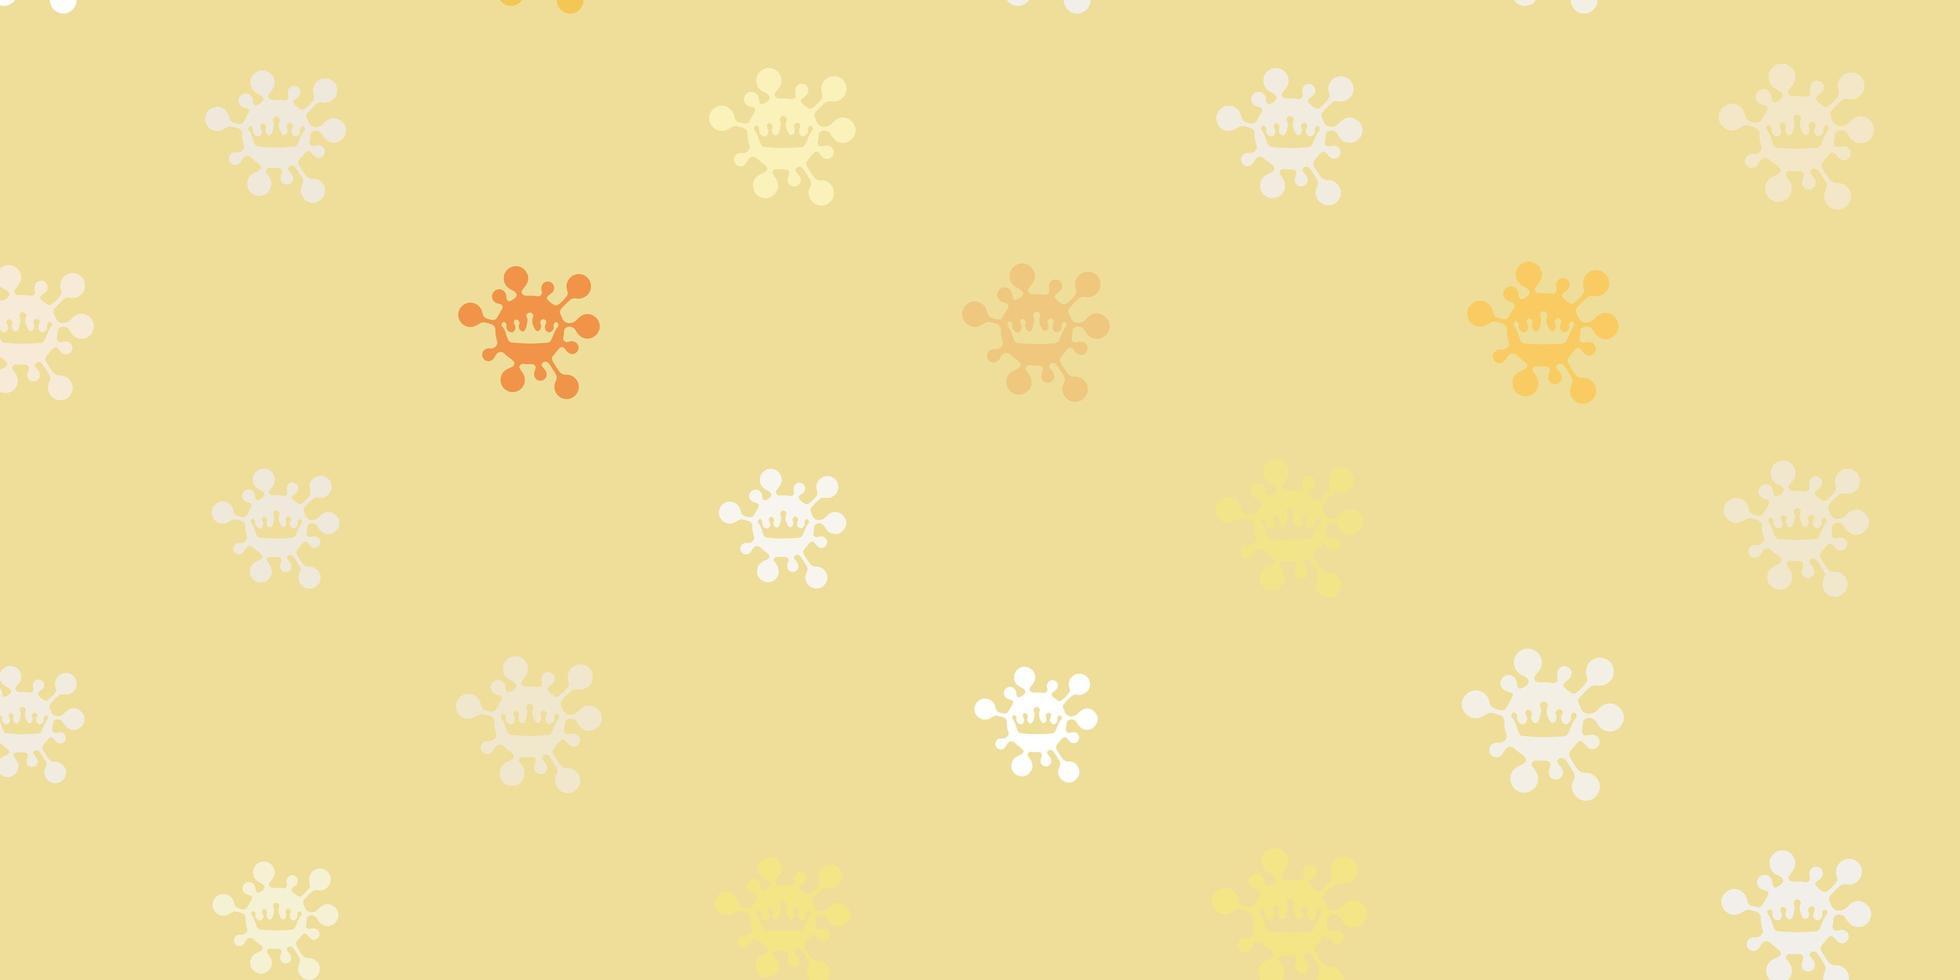 modello vettoriale arancione chiaro con segni di influenza.